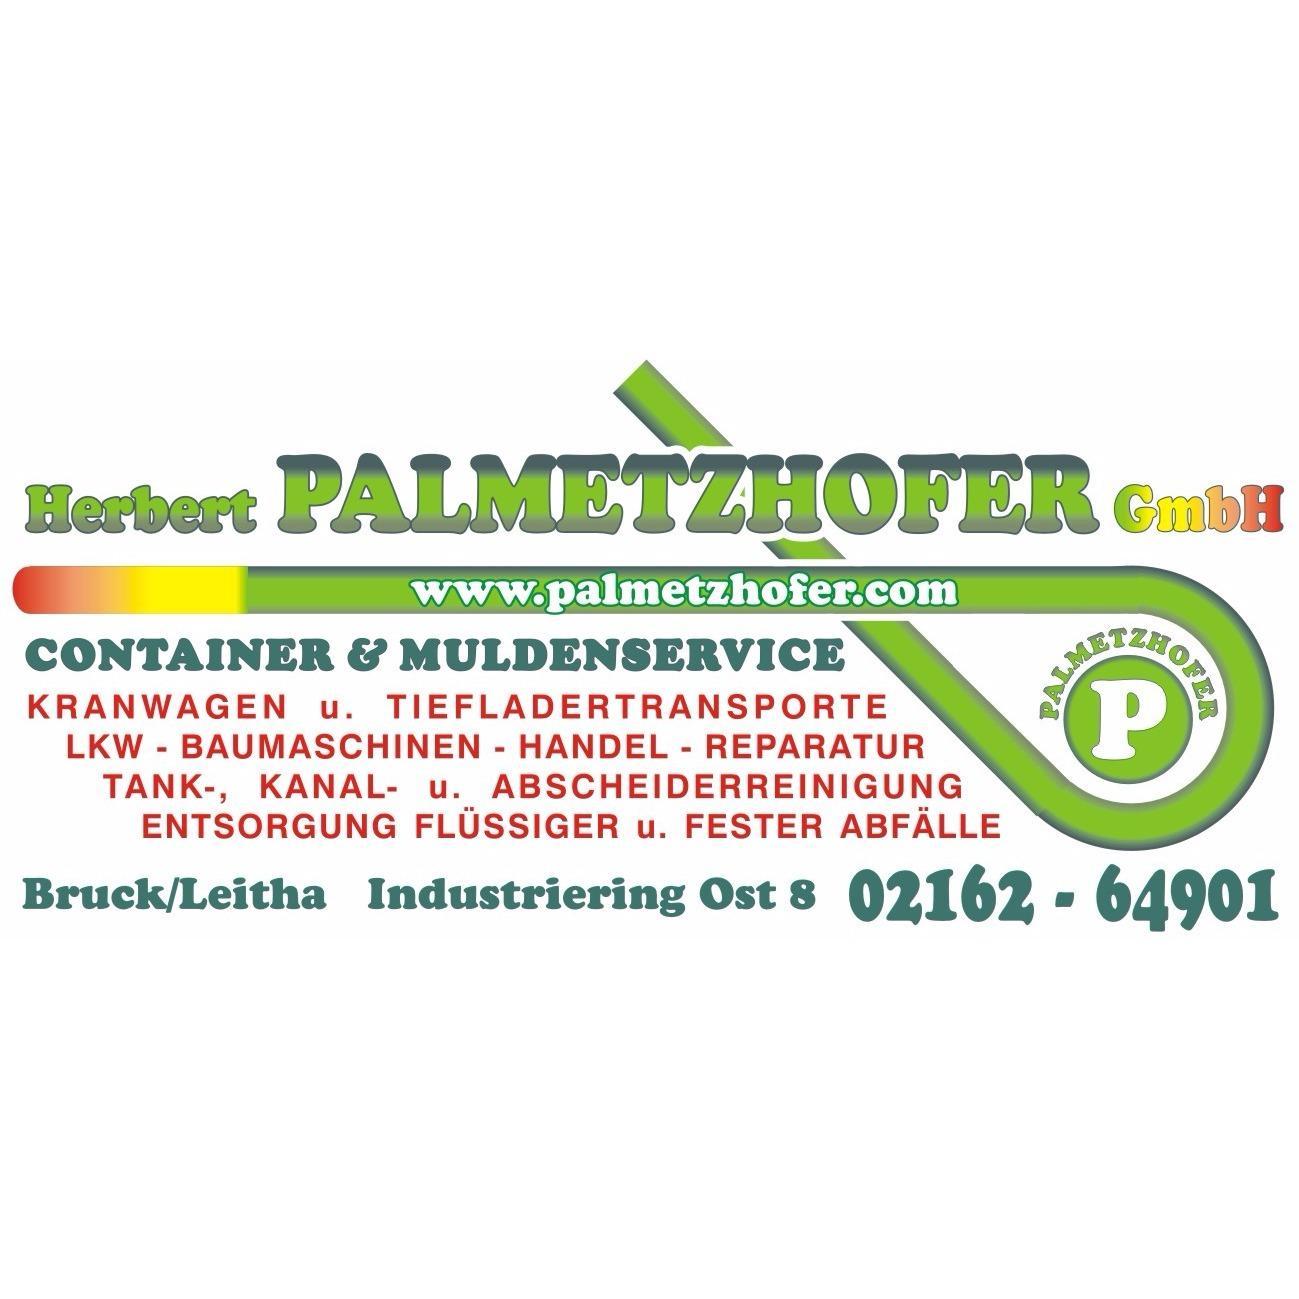 Palmetzhofer Herbert GmbH